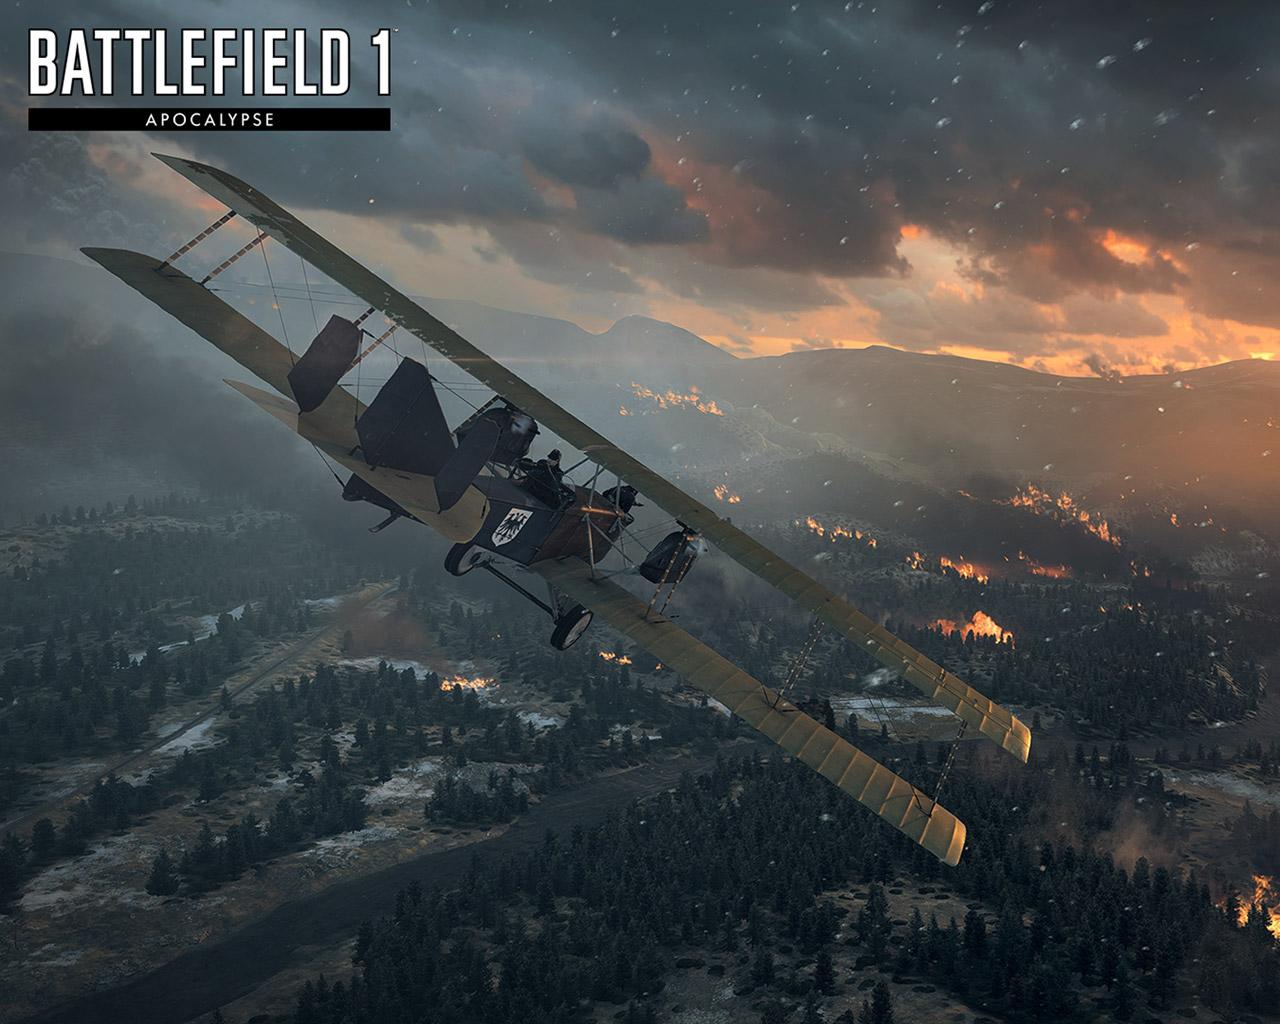 Free Battlefield 1 Wallpaper in 1280x1024